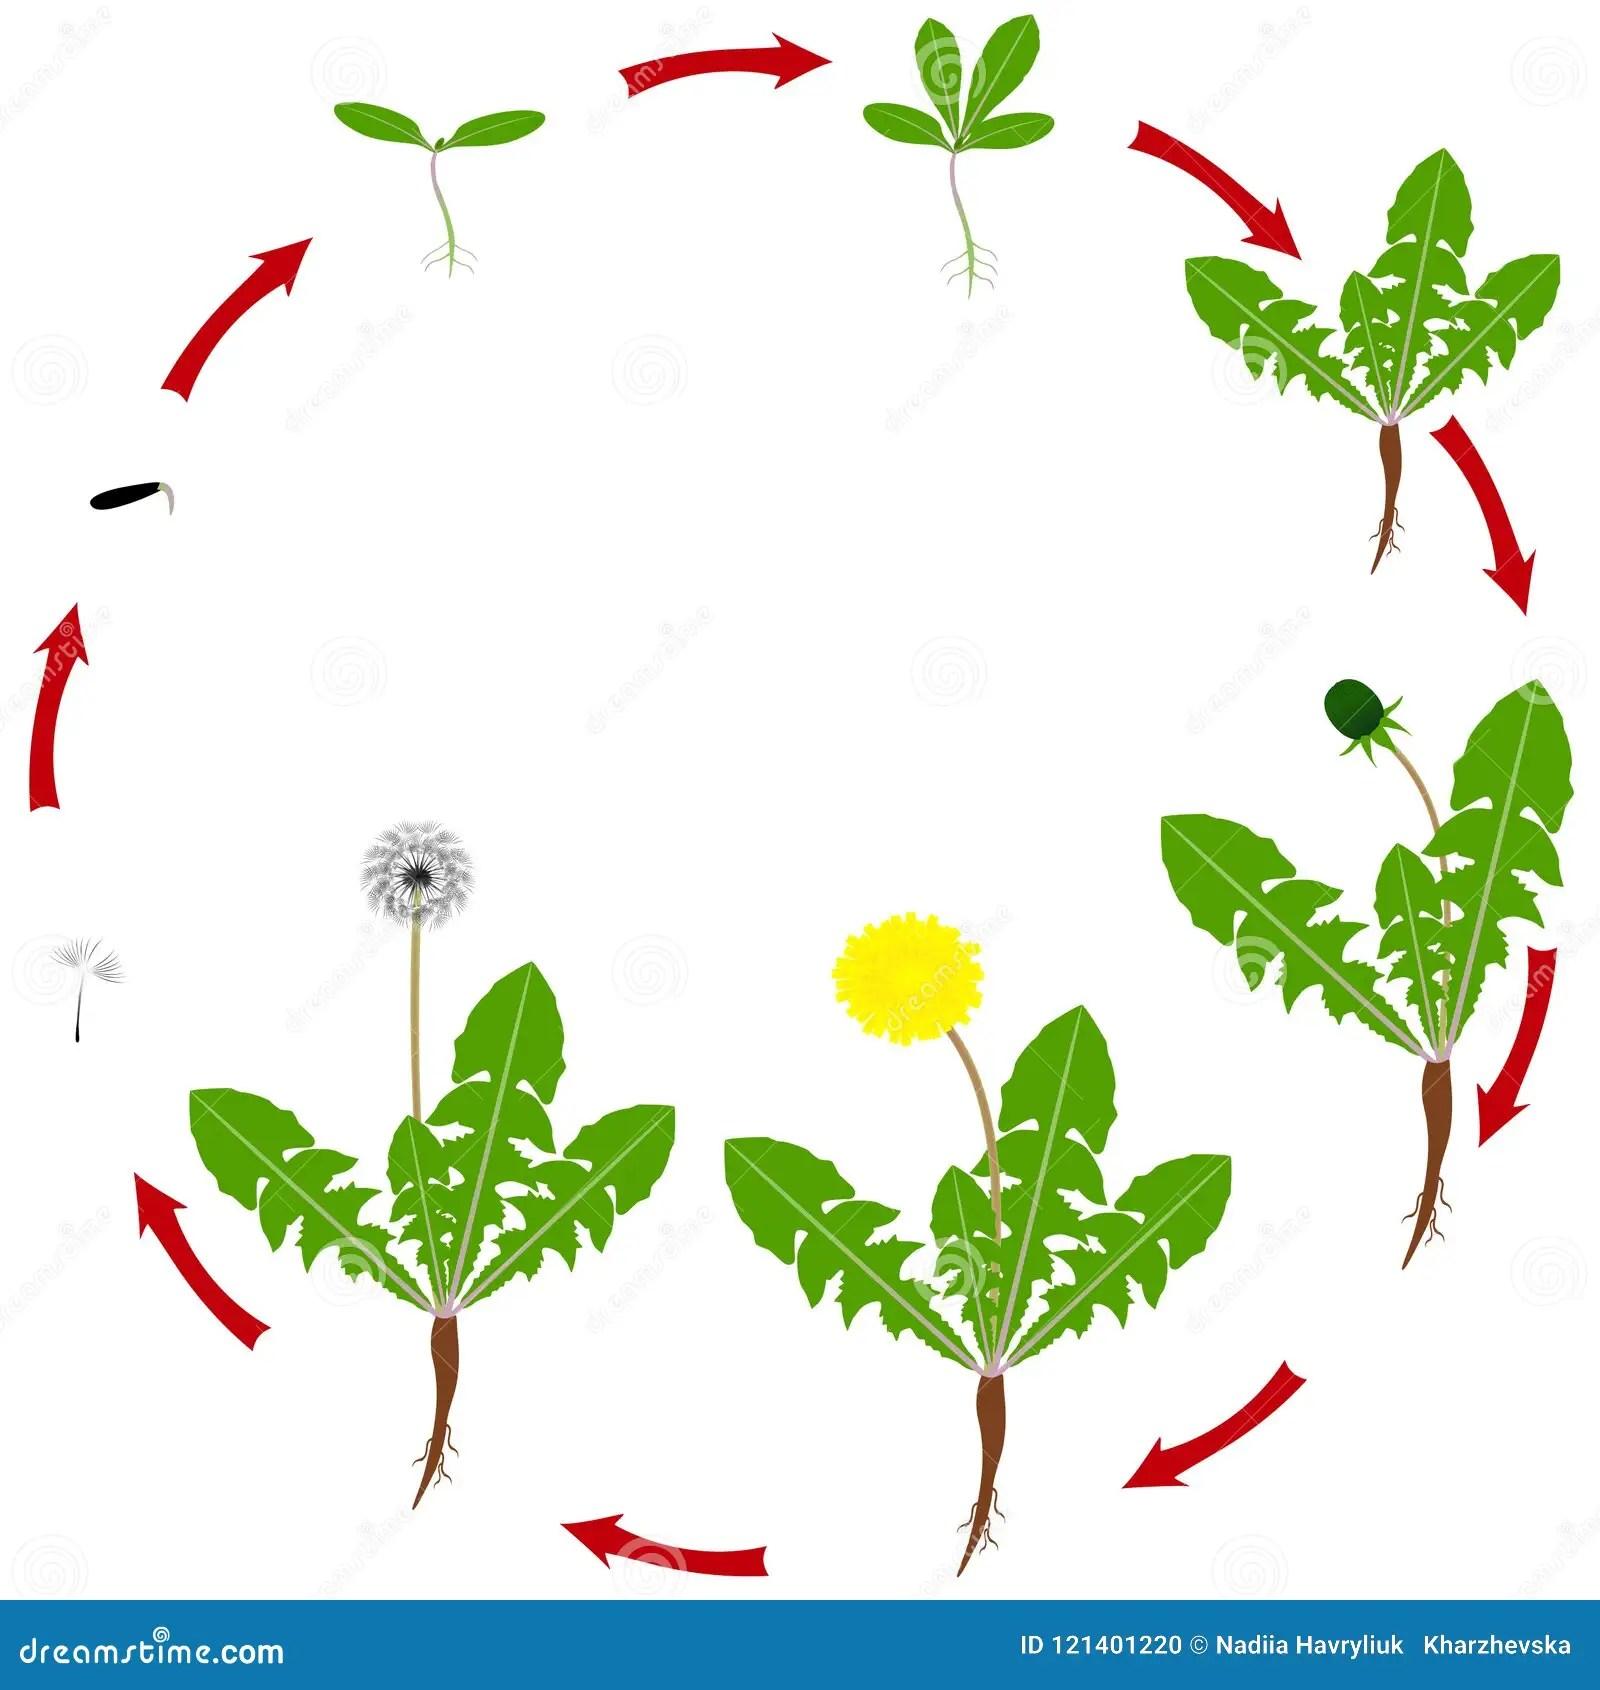 Life Cycle Of Dandelion Cartoon Vector